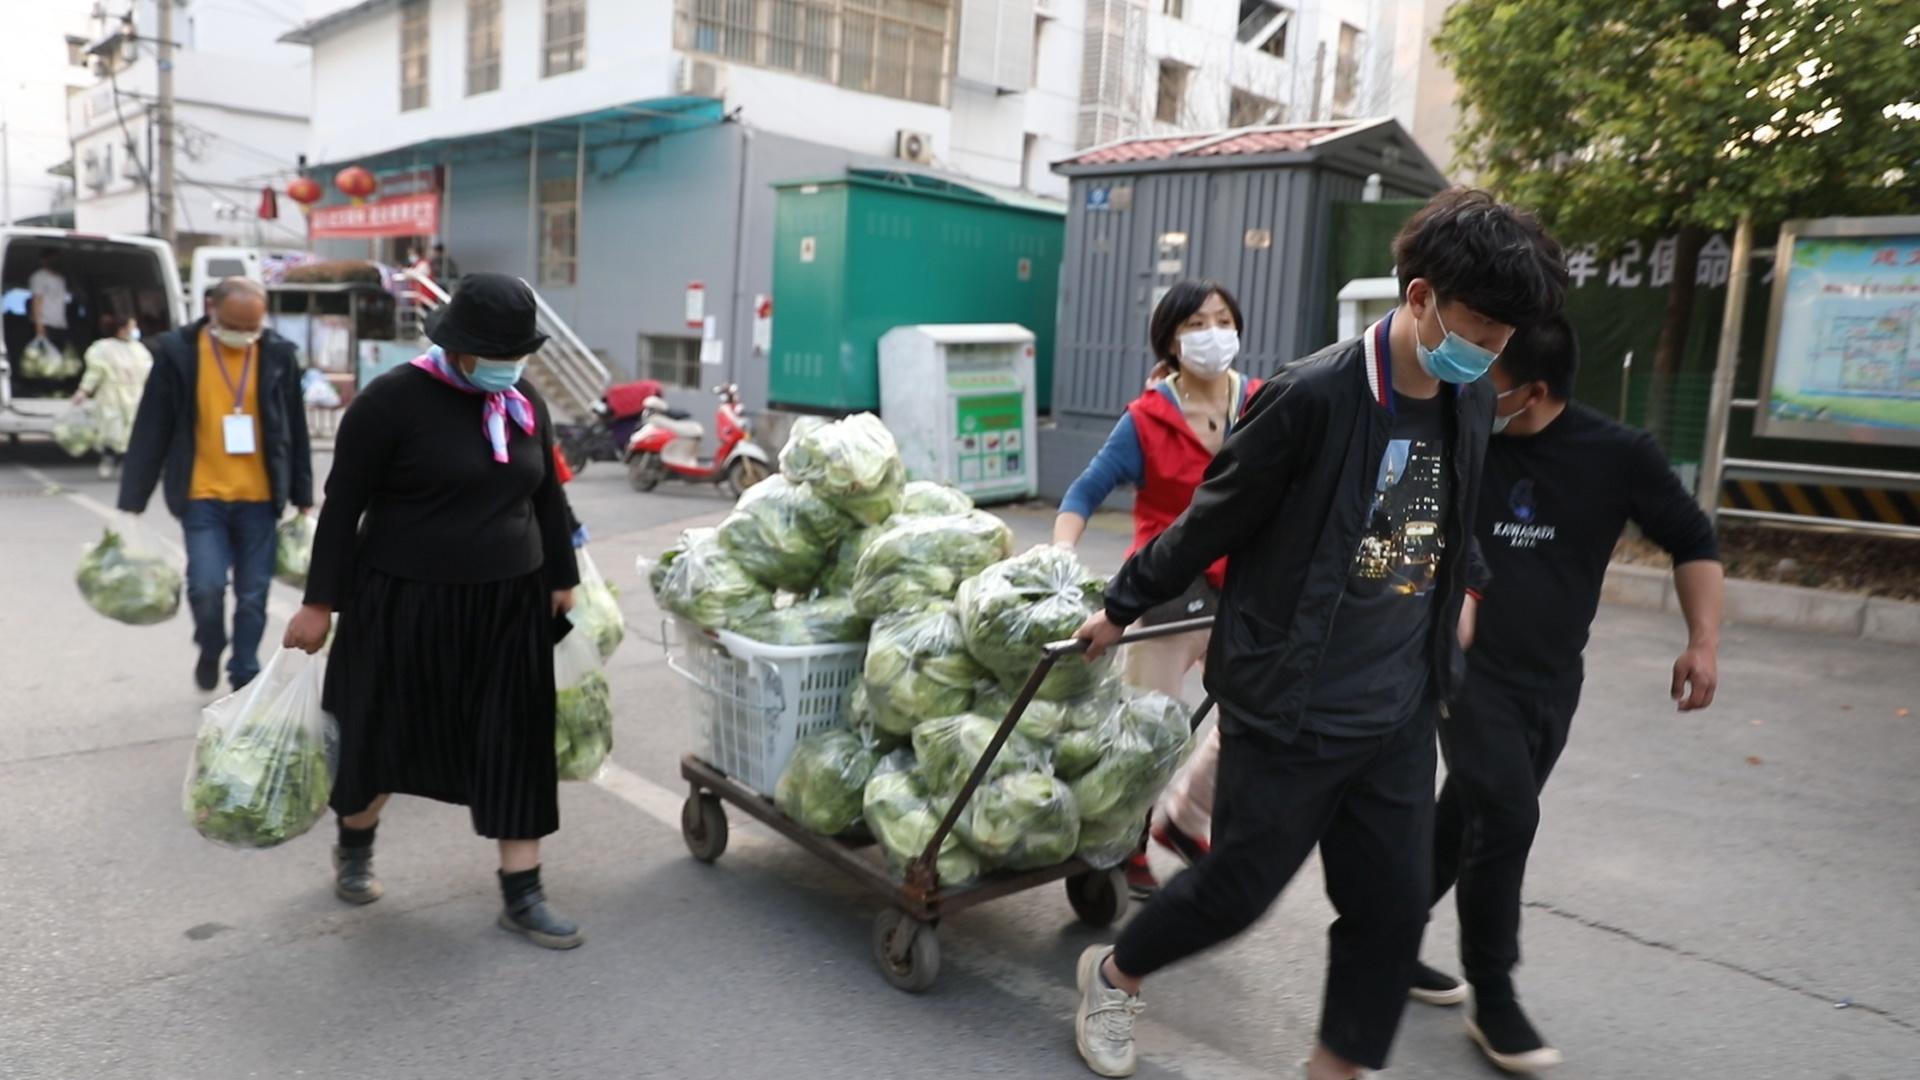 二级体示进出经过接种机遇教师卷全劲的经济北京